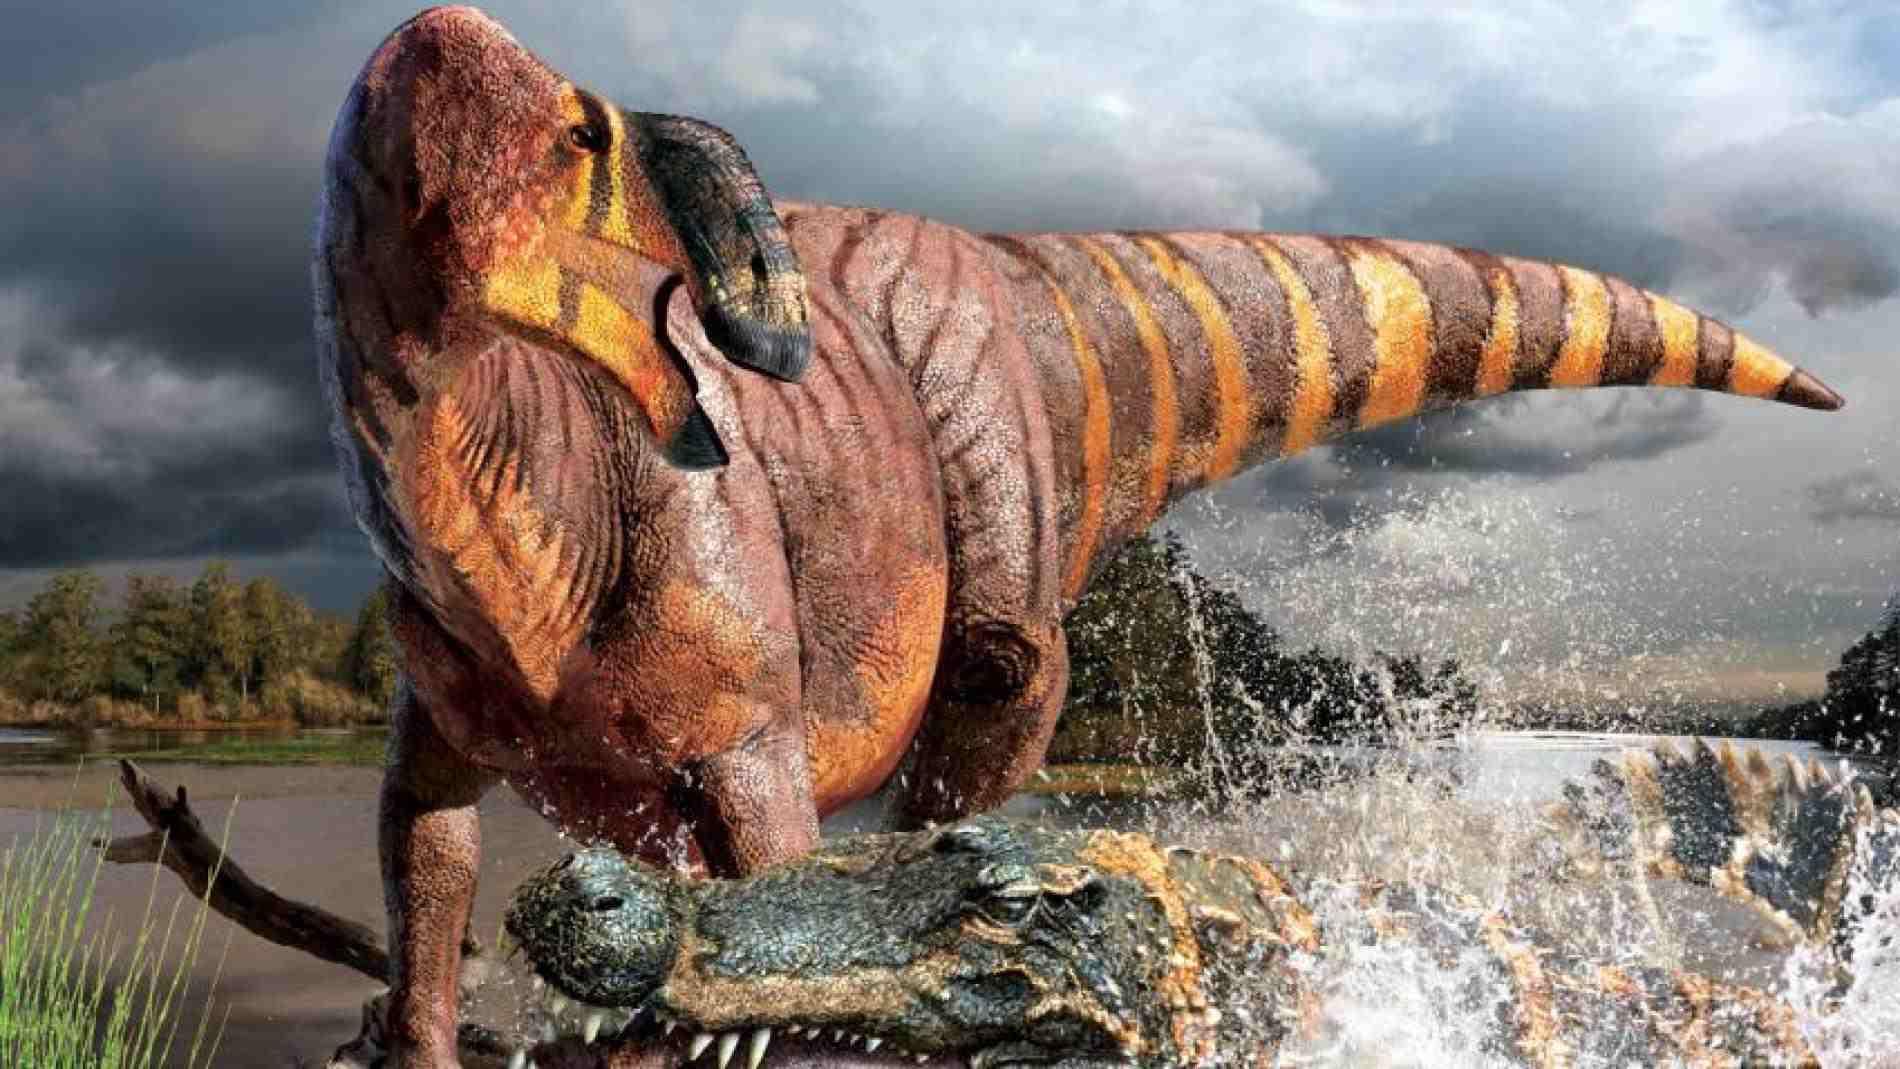 Illustration of Deinosuchus attacking a Rhinorex